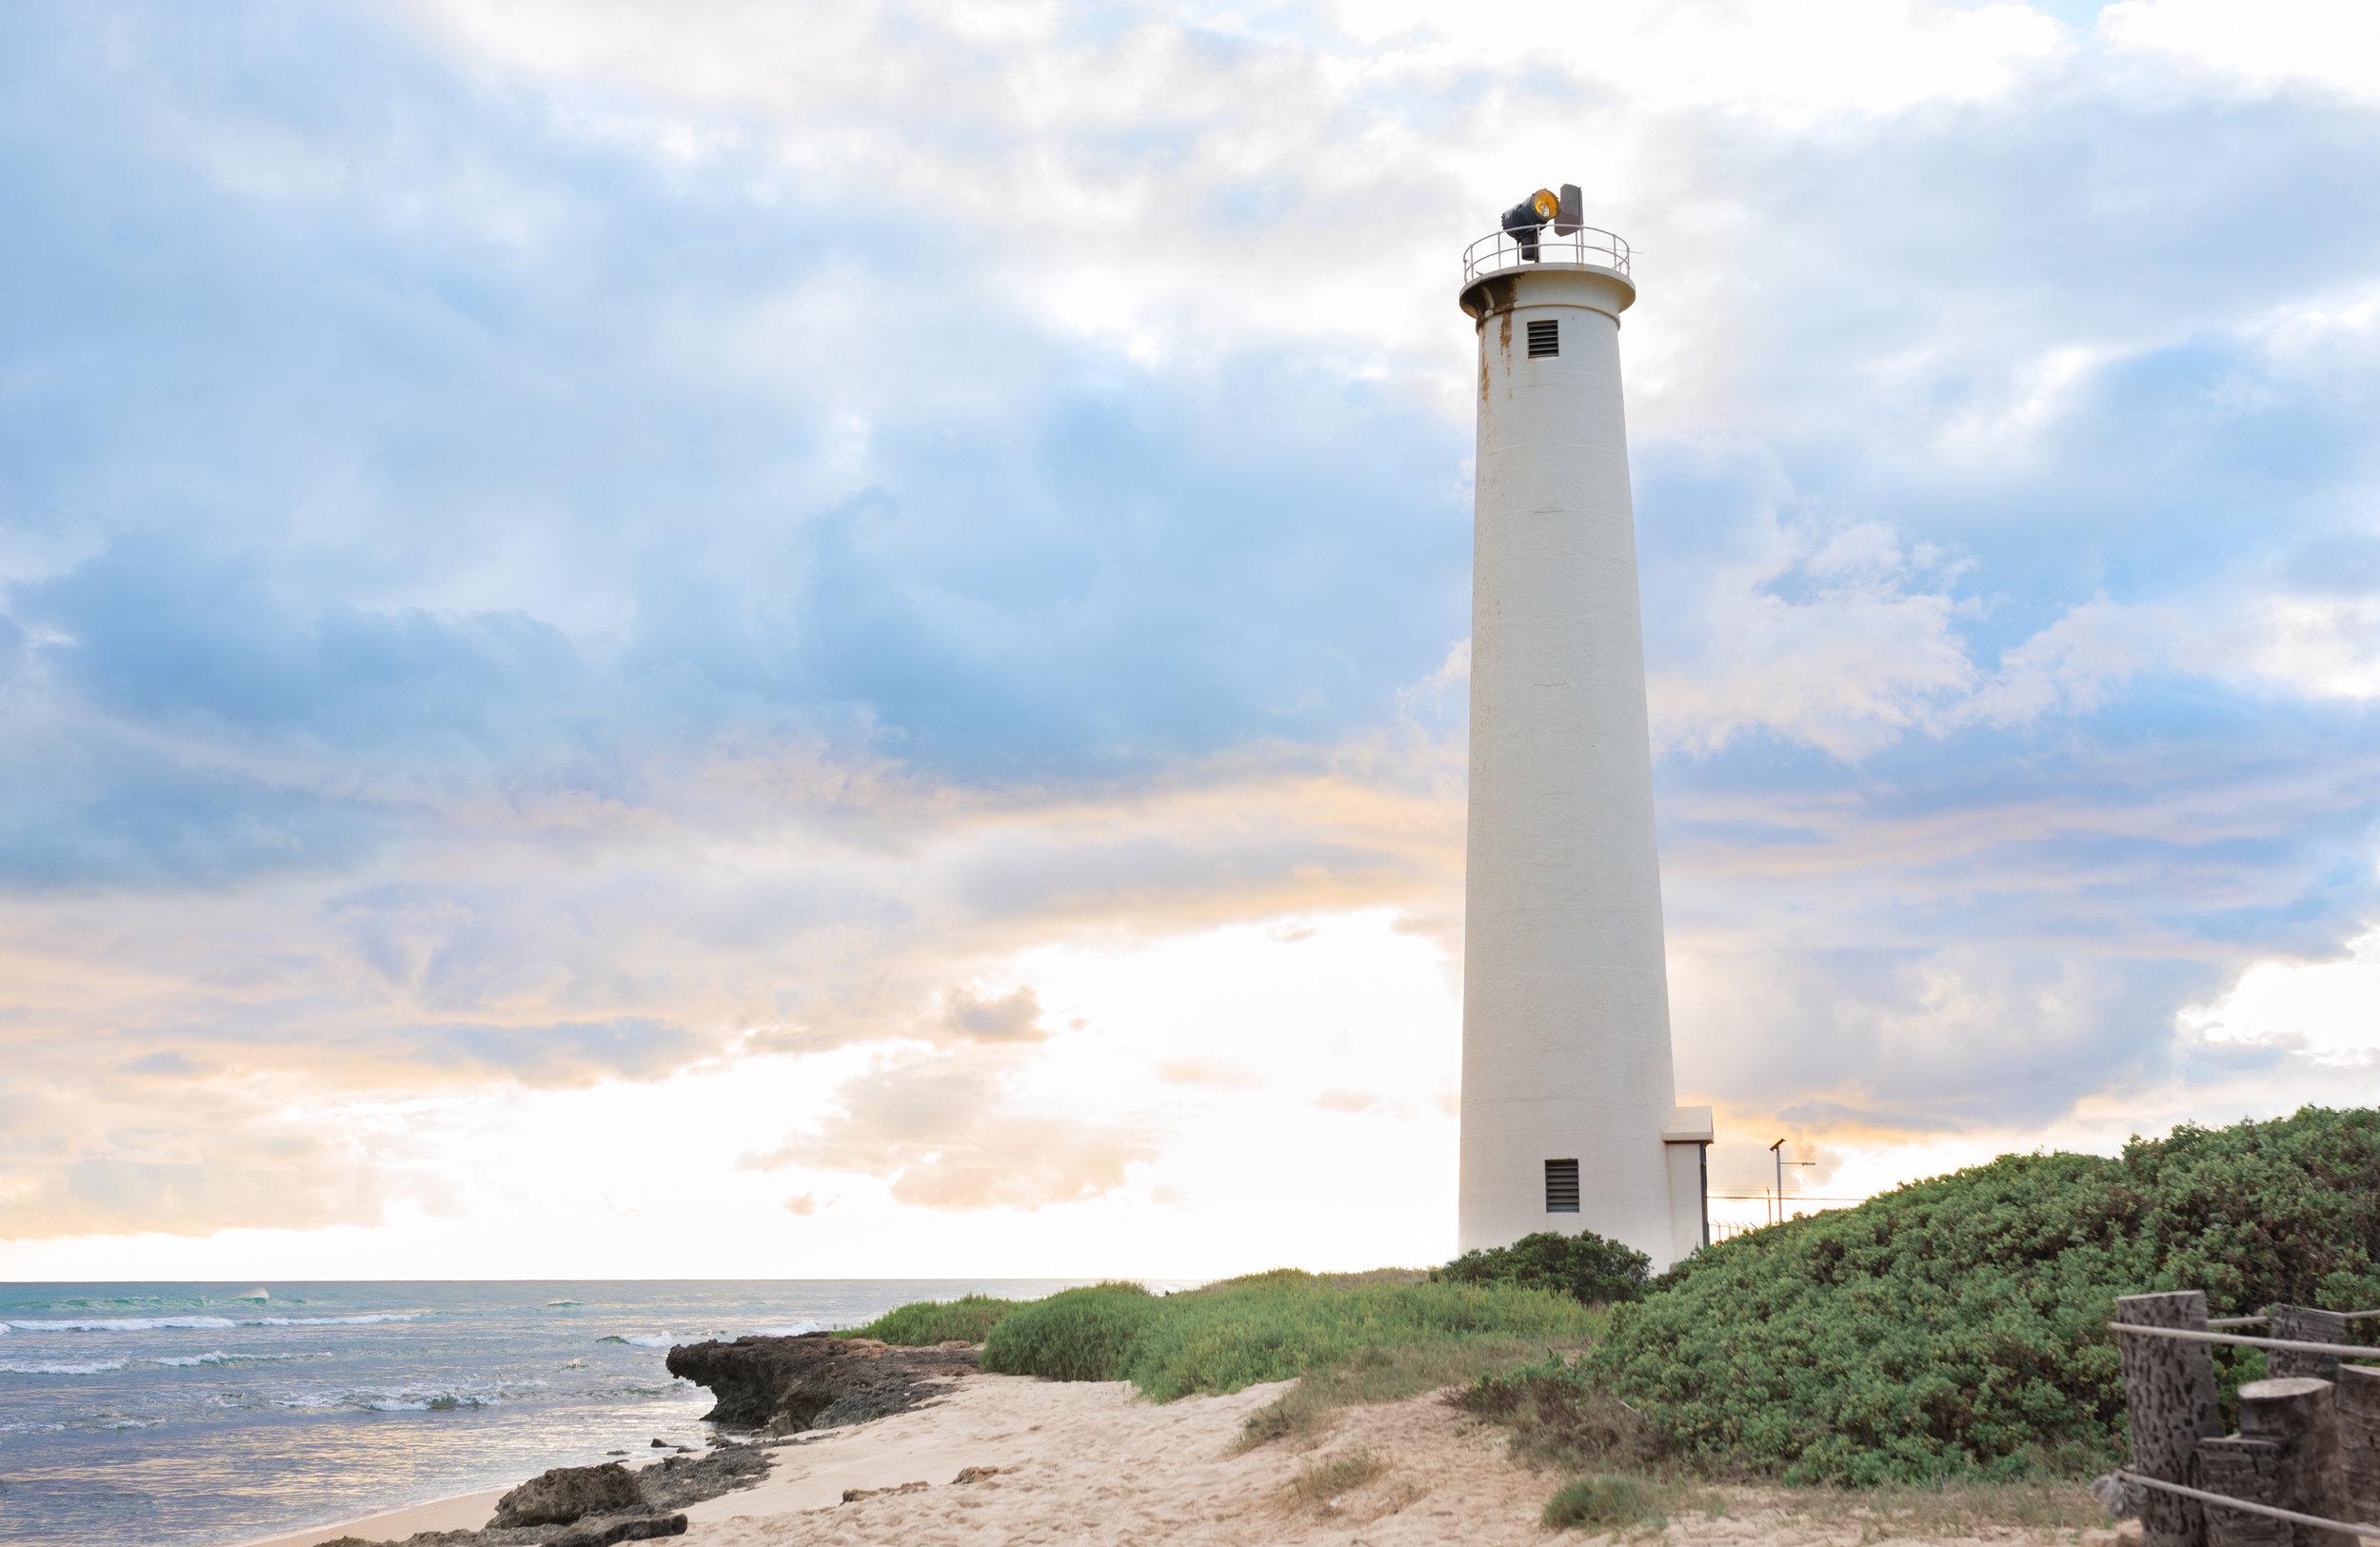 Barbers Point Lighthouse, Oahu 2016